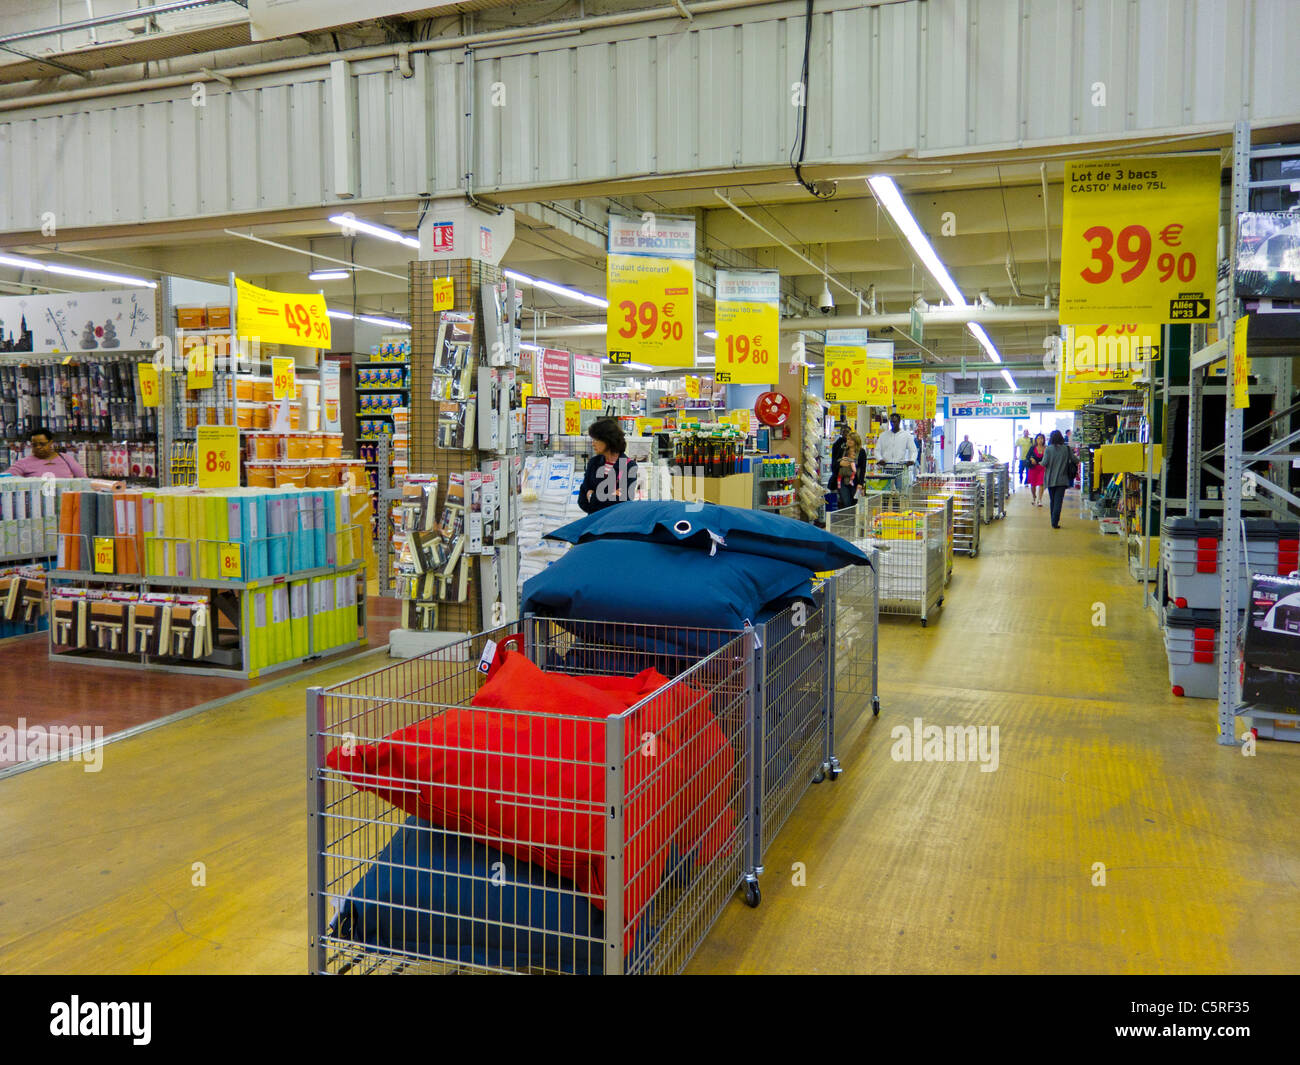 Paris, France, à l intérieur, magasin de matériel de bricolage, des  articles ménagers, en banlieue Creiteil Conformara e9711d460975